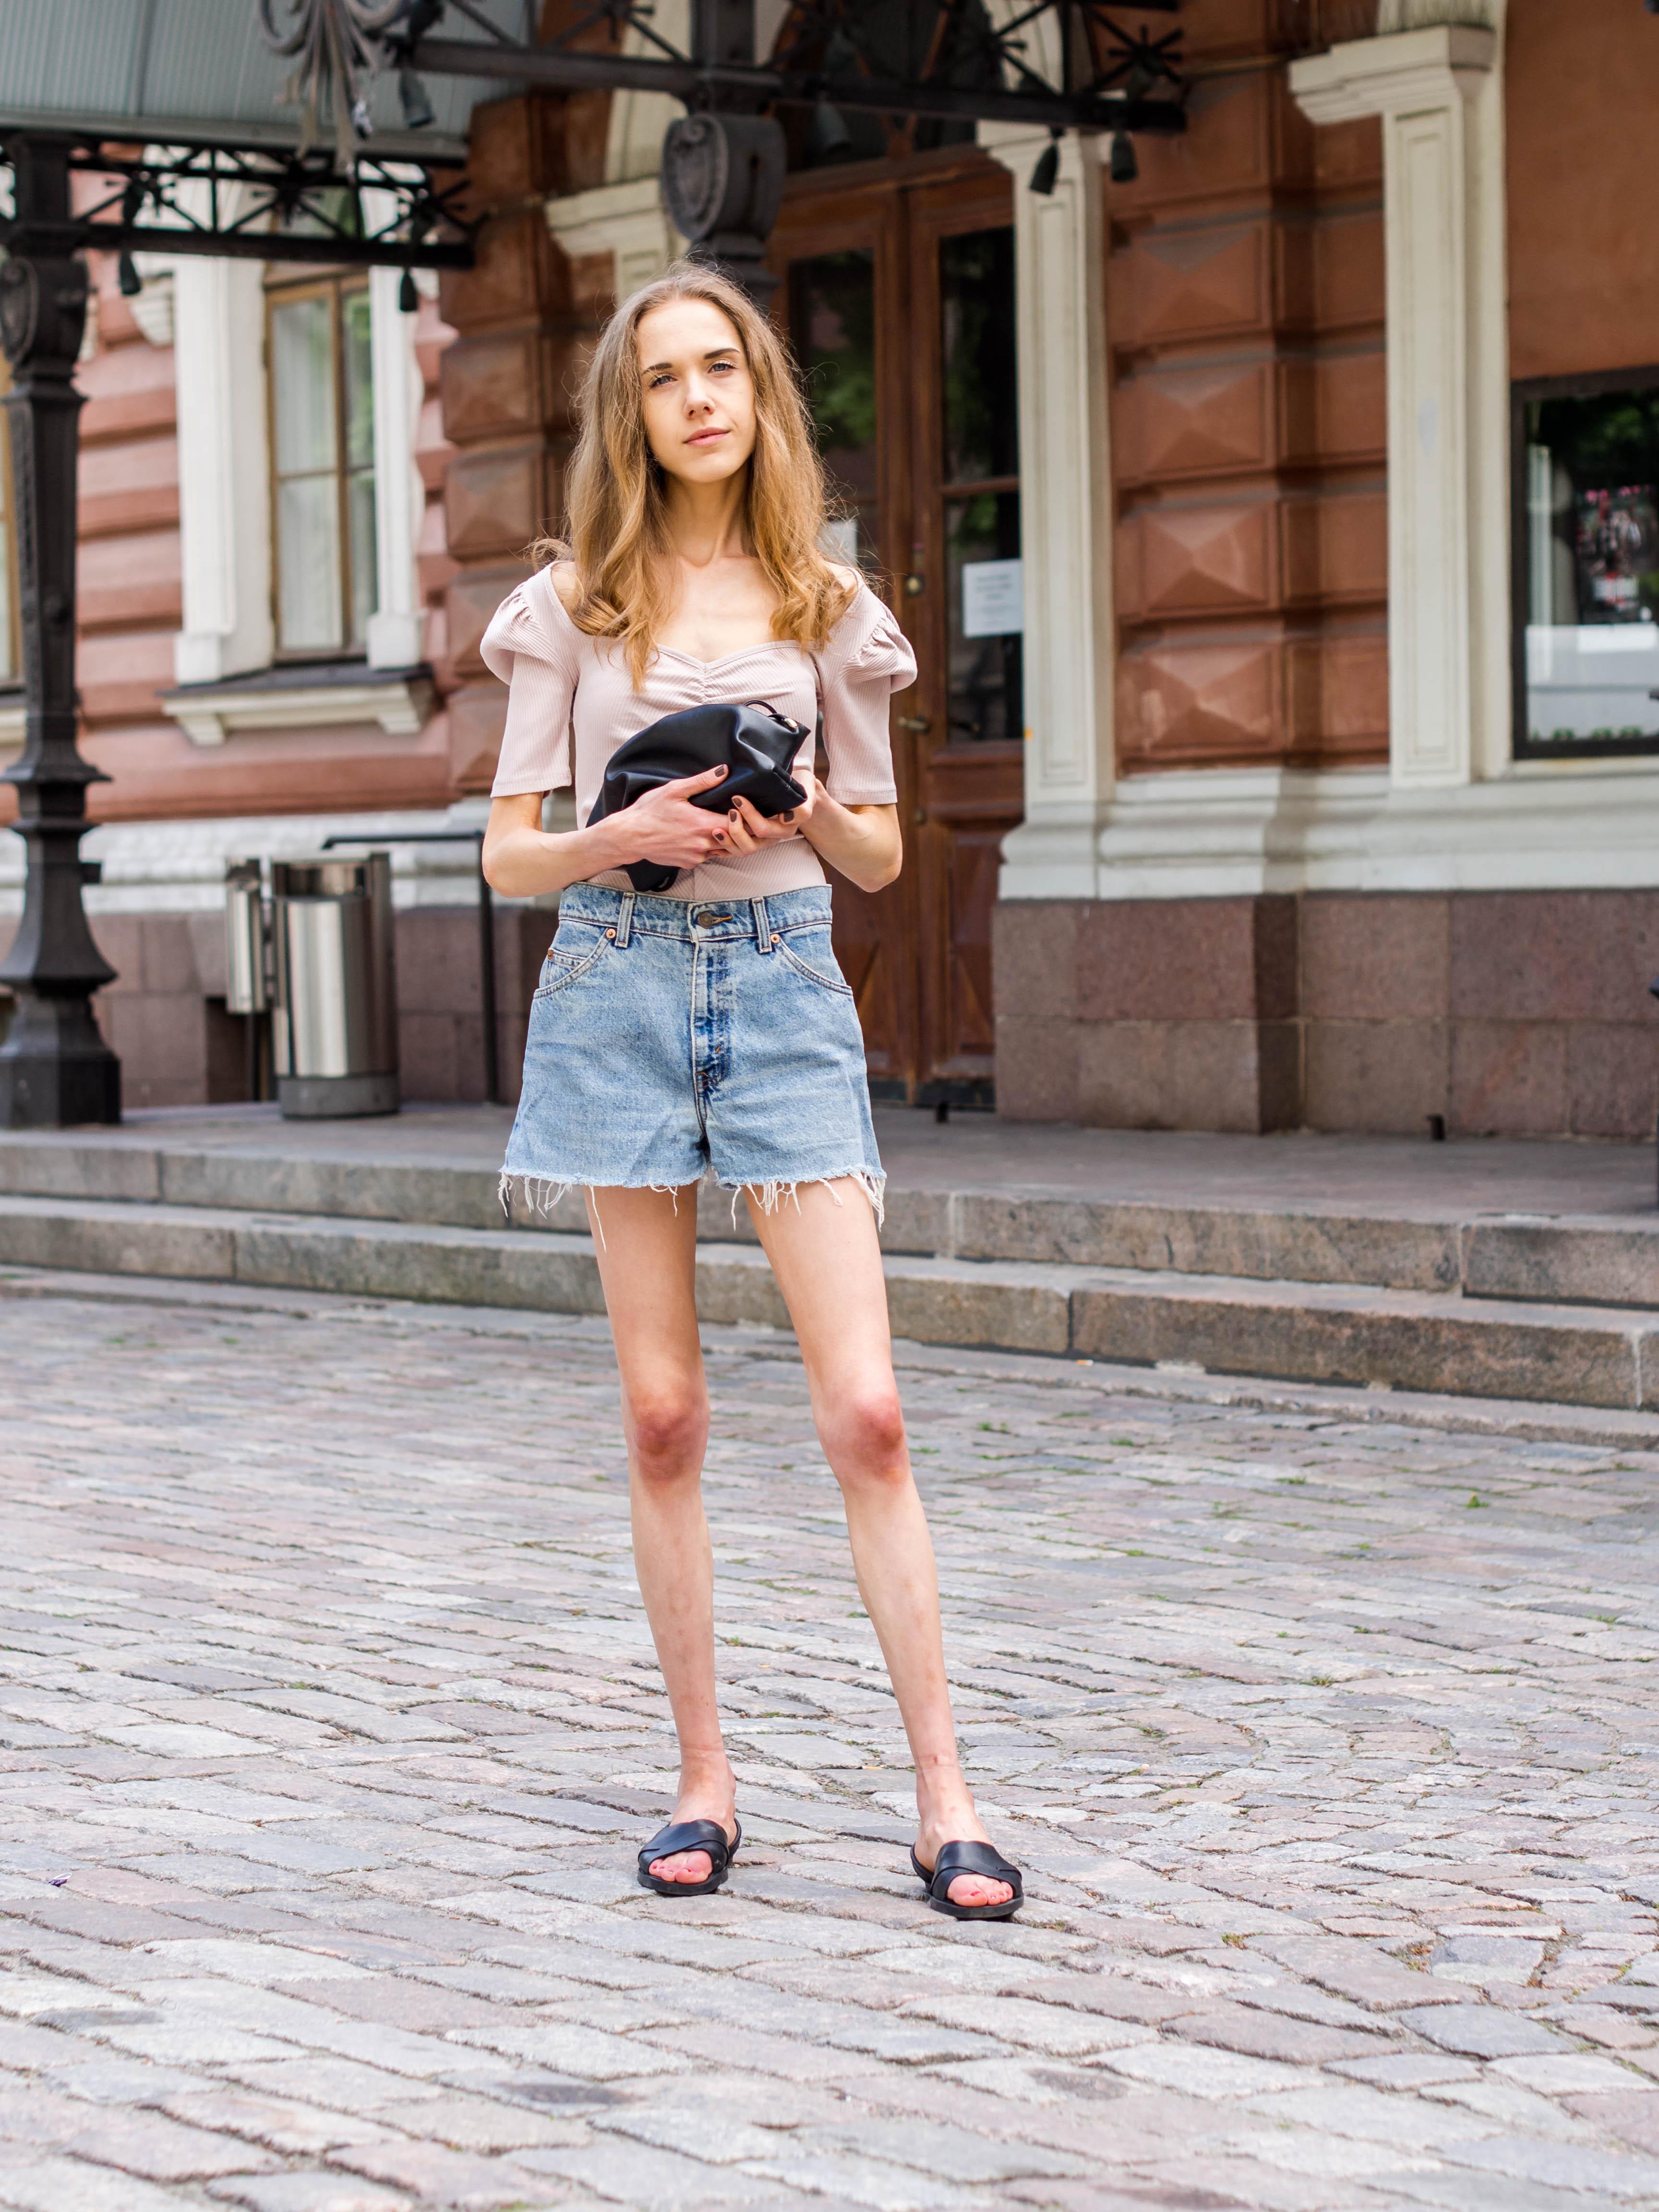 Summer outfit with denim shorts - Kesäasu farkkushortsien kanssa